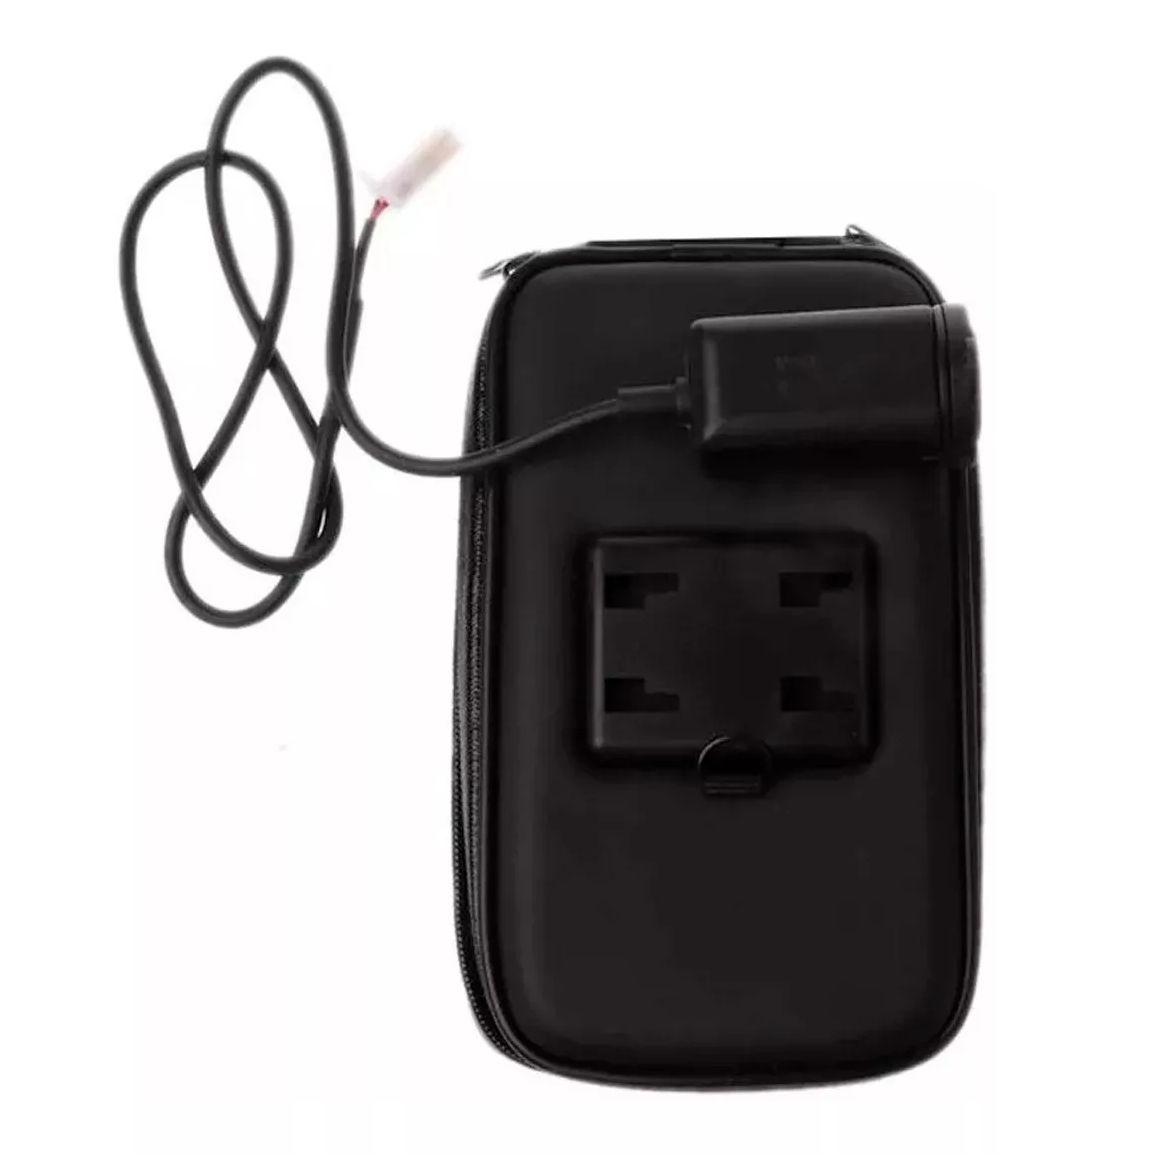 Capa de Smartphone até 5,5 Polegadas Para Moto Case Impermeável C/ zíper e Com Saída USB Suporte em Guidão SP-CA24S